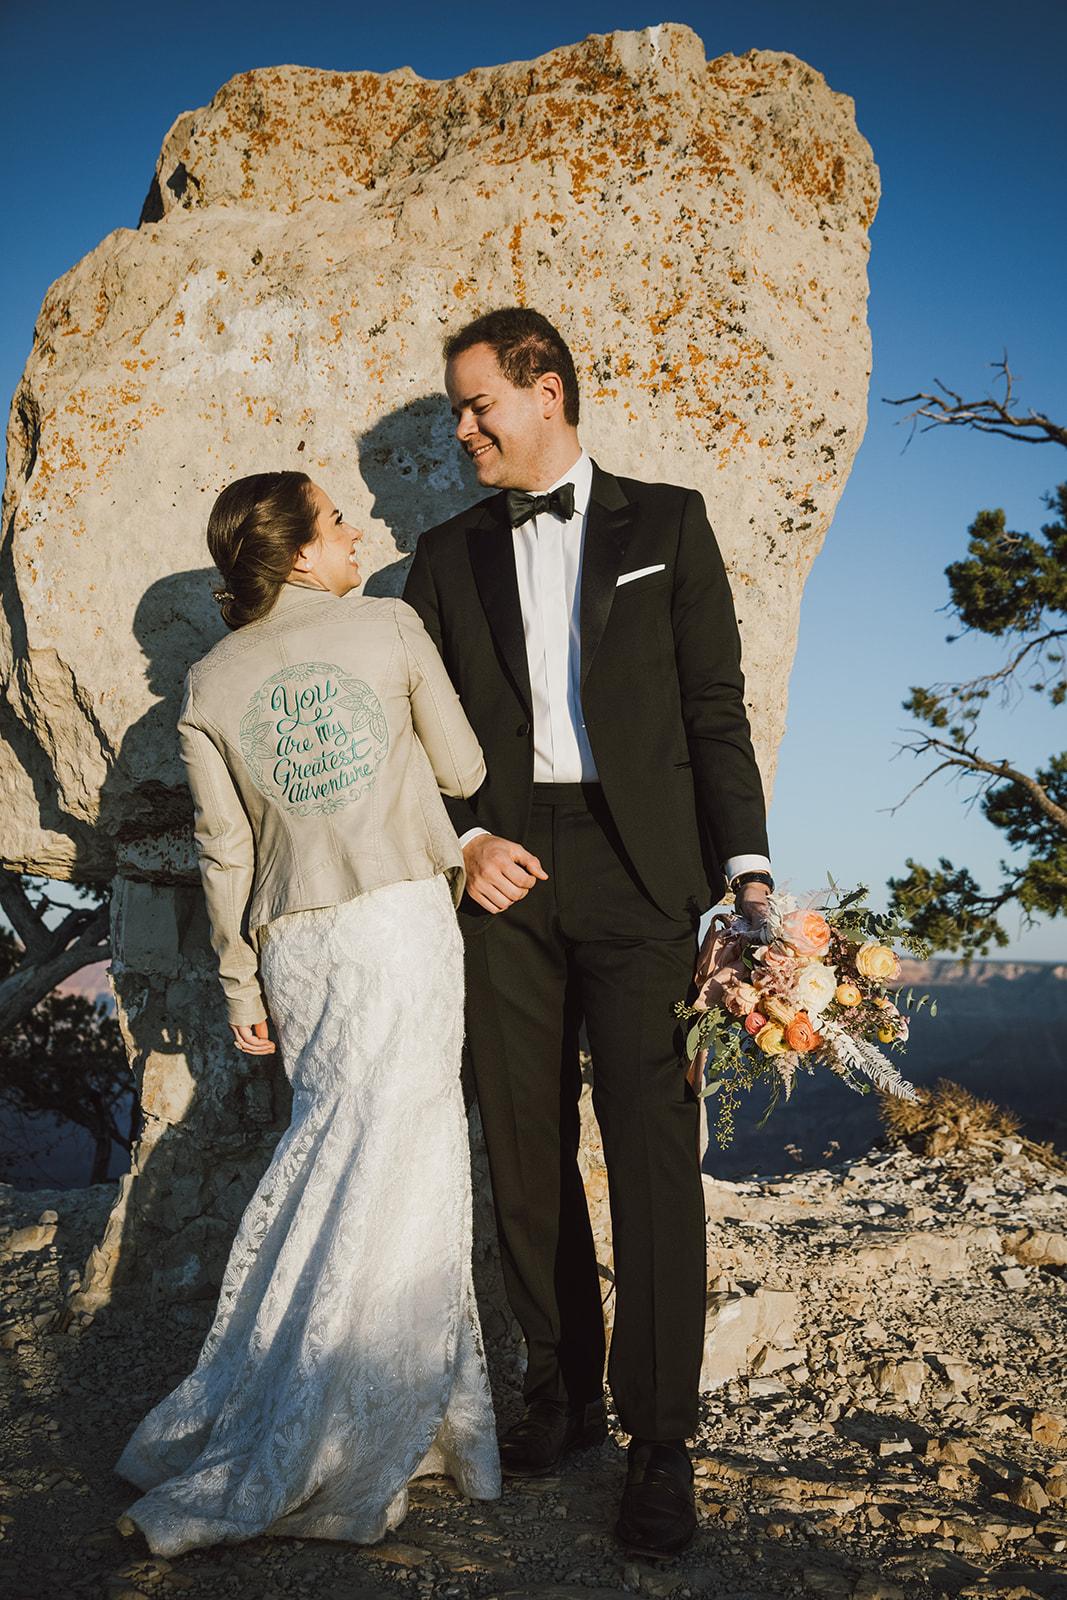 Embroidered Wedding Jacket - Janome - Trish Stitched